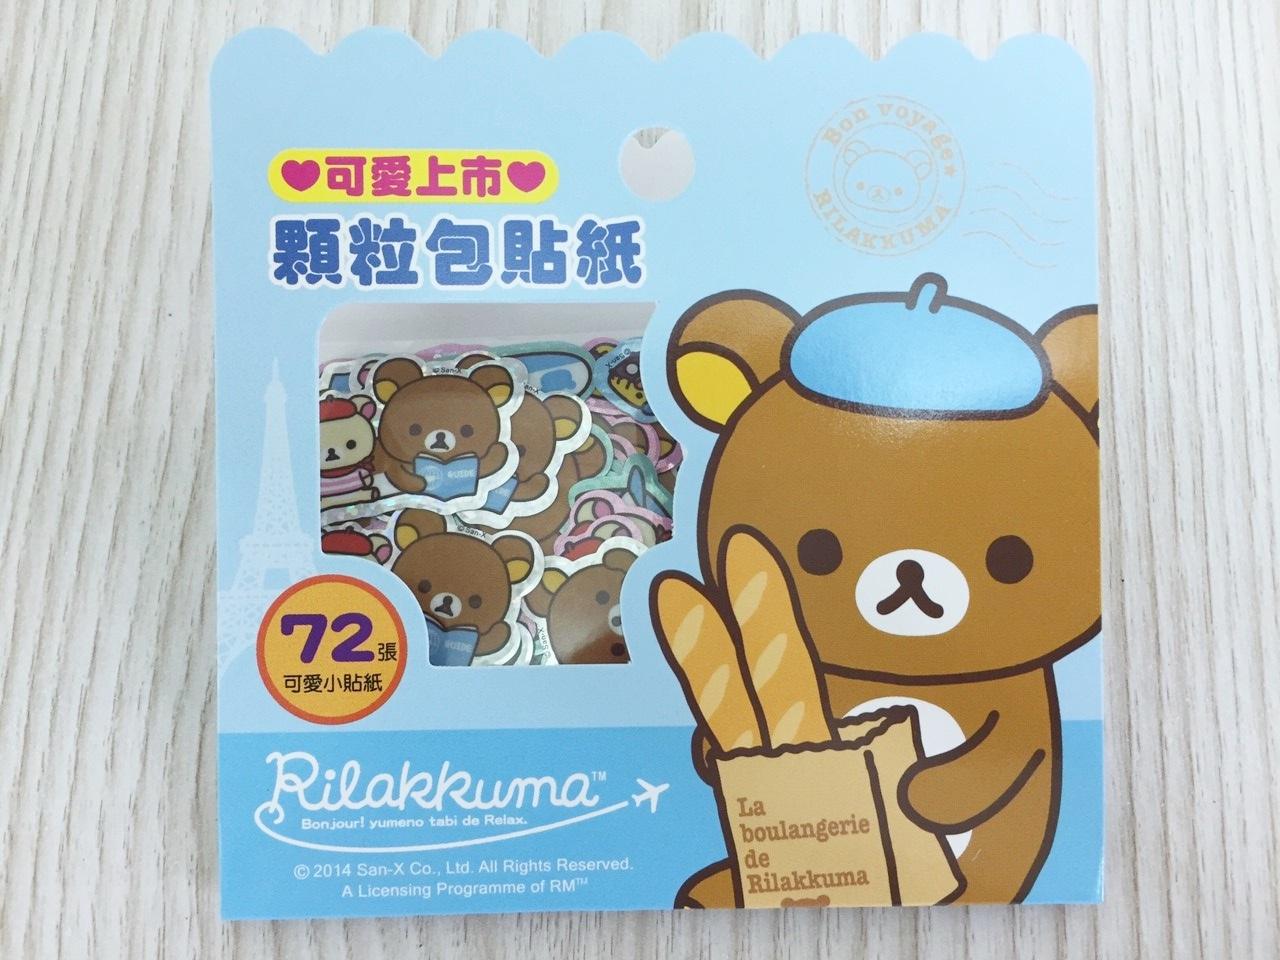 【真愛日本】15120100018懶熊顆粒貼紙-巴黎  SAN-X 懶熊 奶妹 奶熊 拉拉熊  貼紙  文具用品